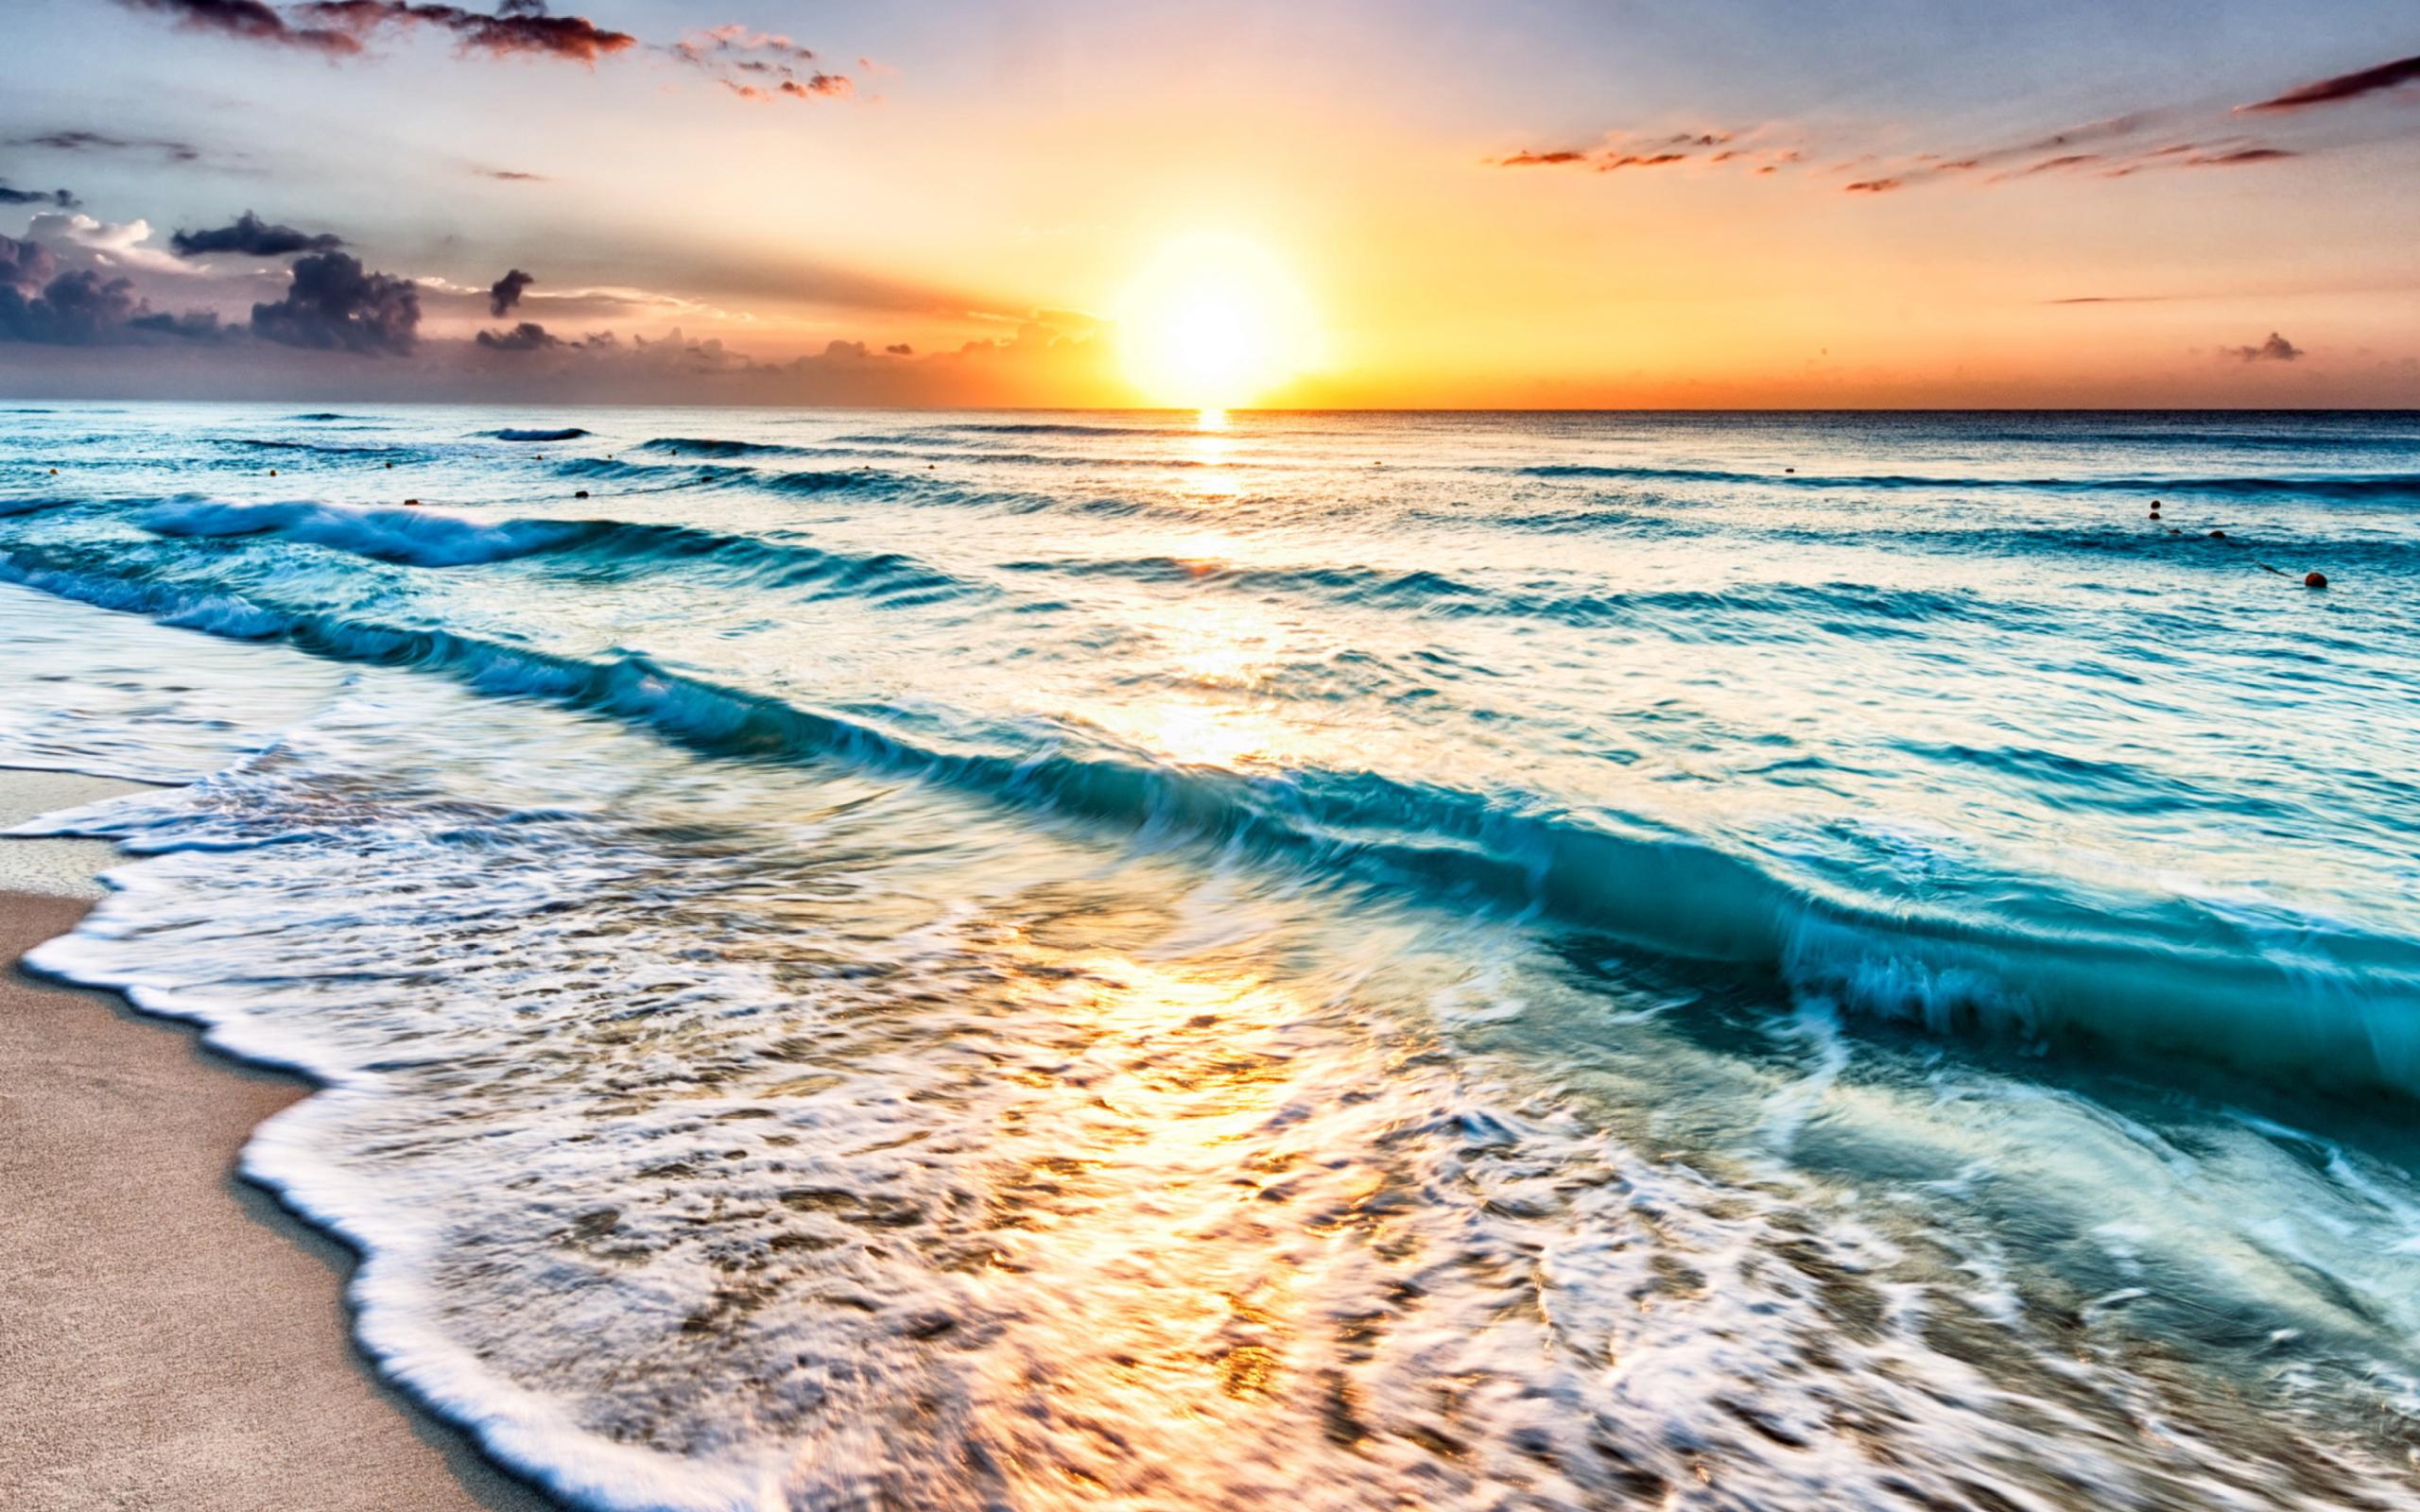 Картинки море красивые на телефон, пусть